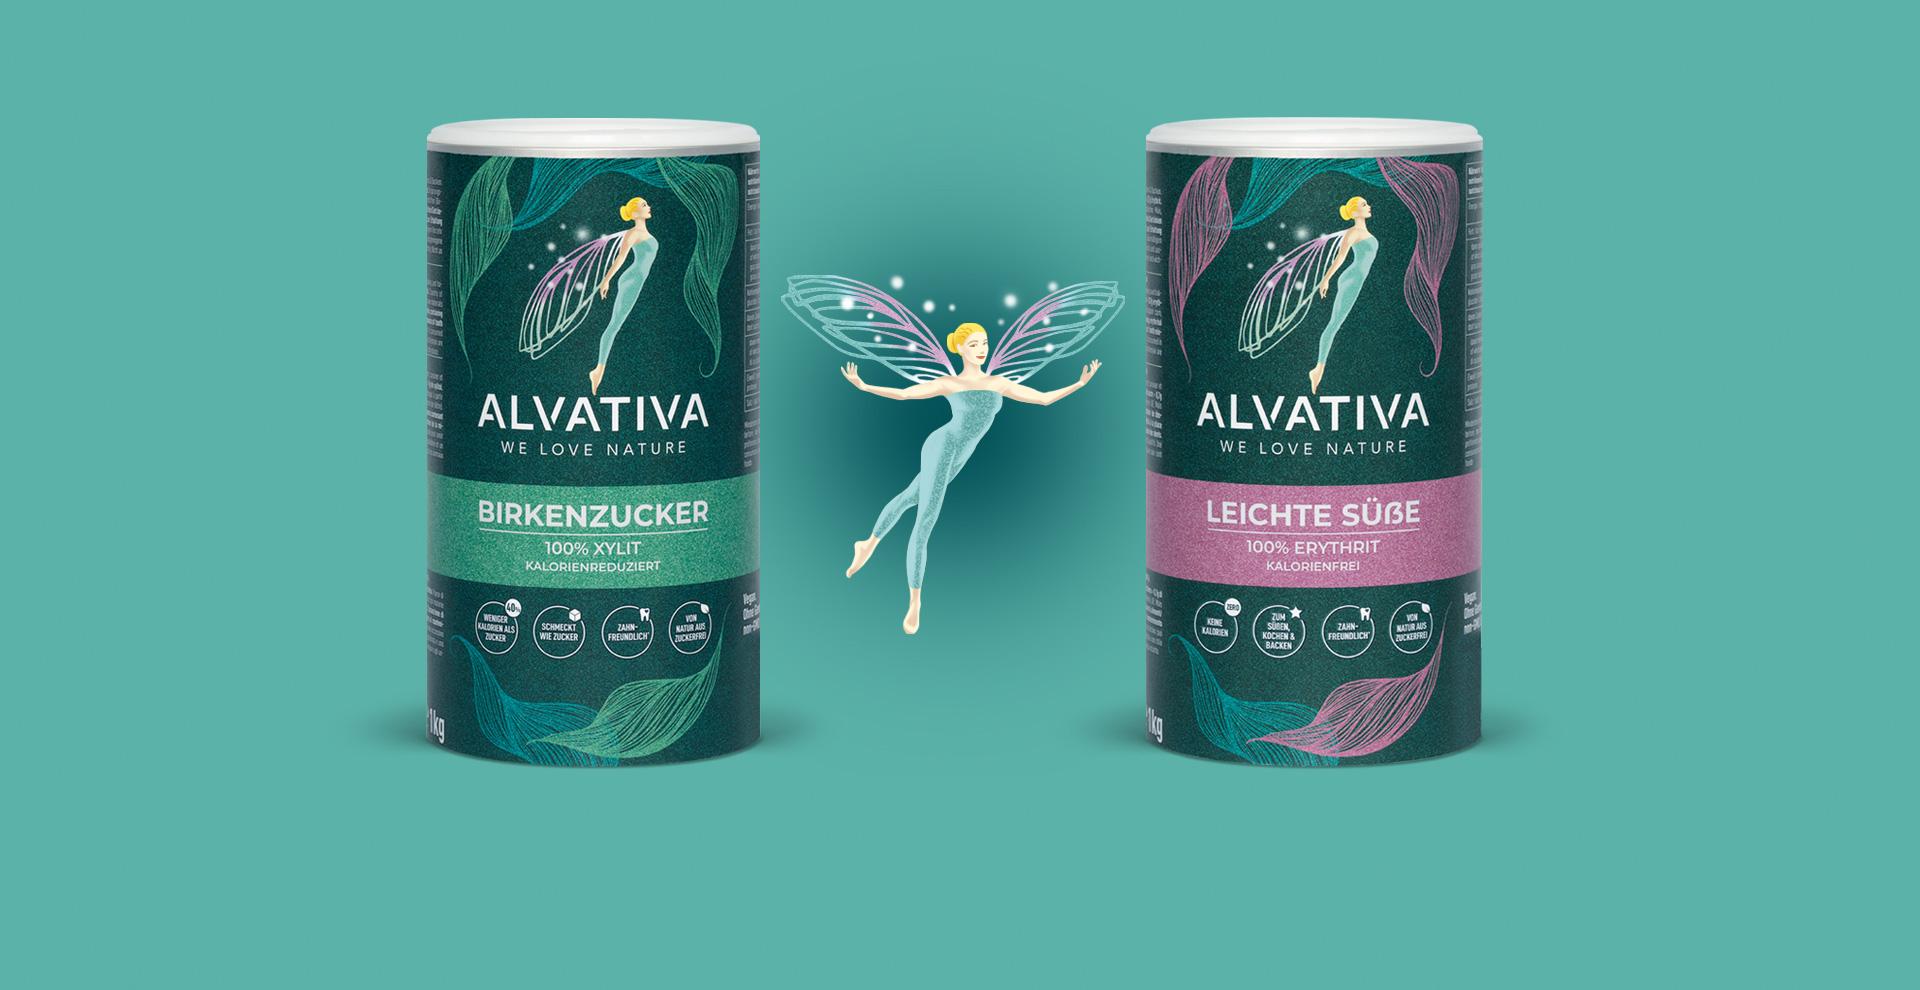 Alvativa Birkenzucker Kartondosen by HeySister Packaging Design